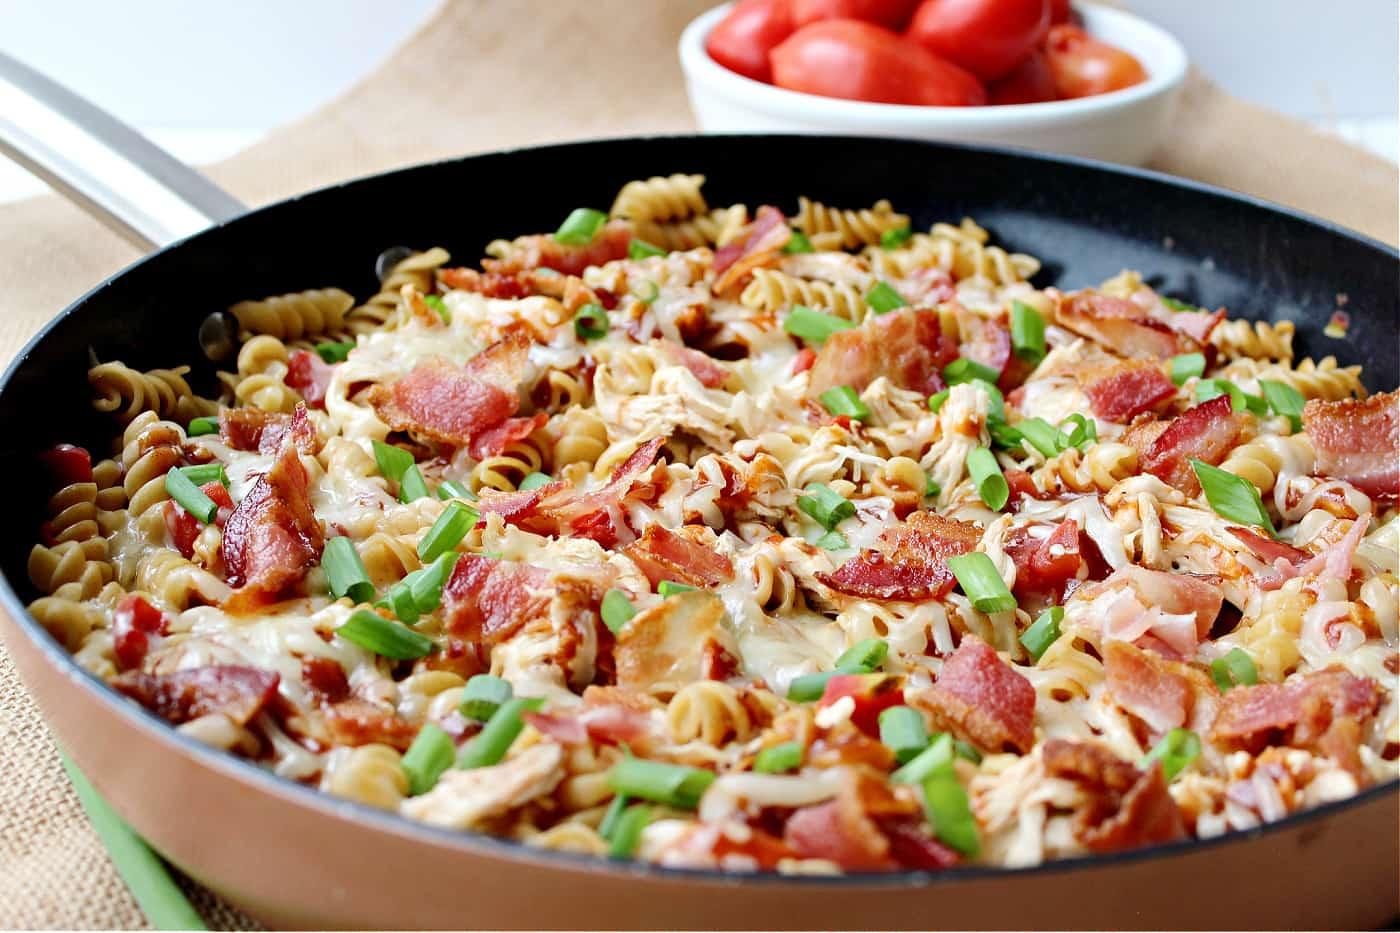 monterey chicken skillet recipe in a pan